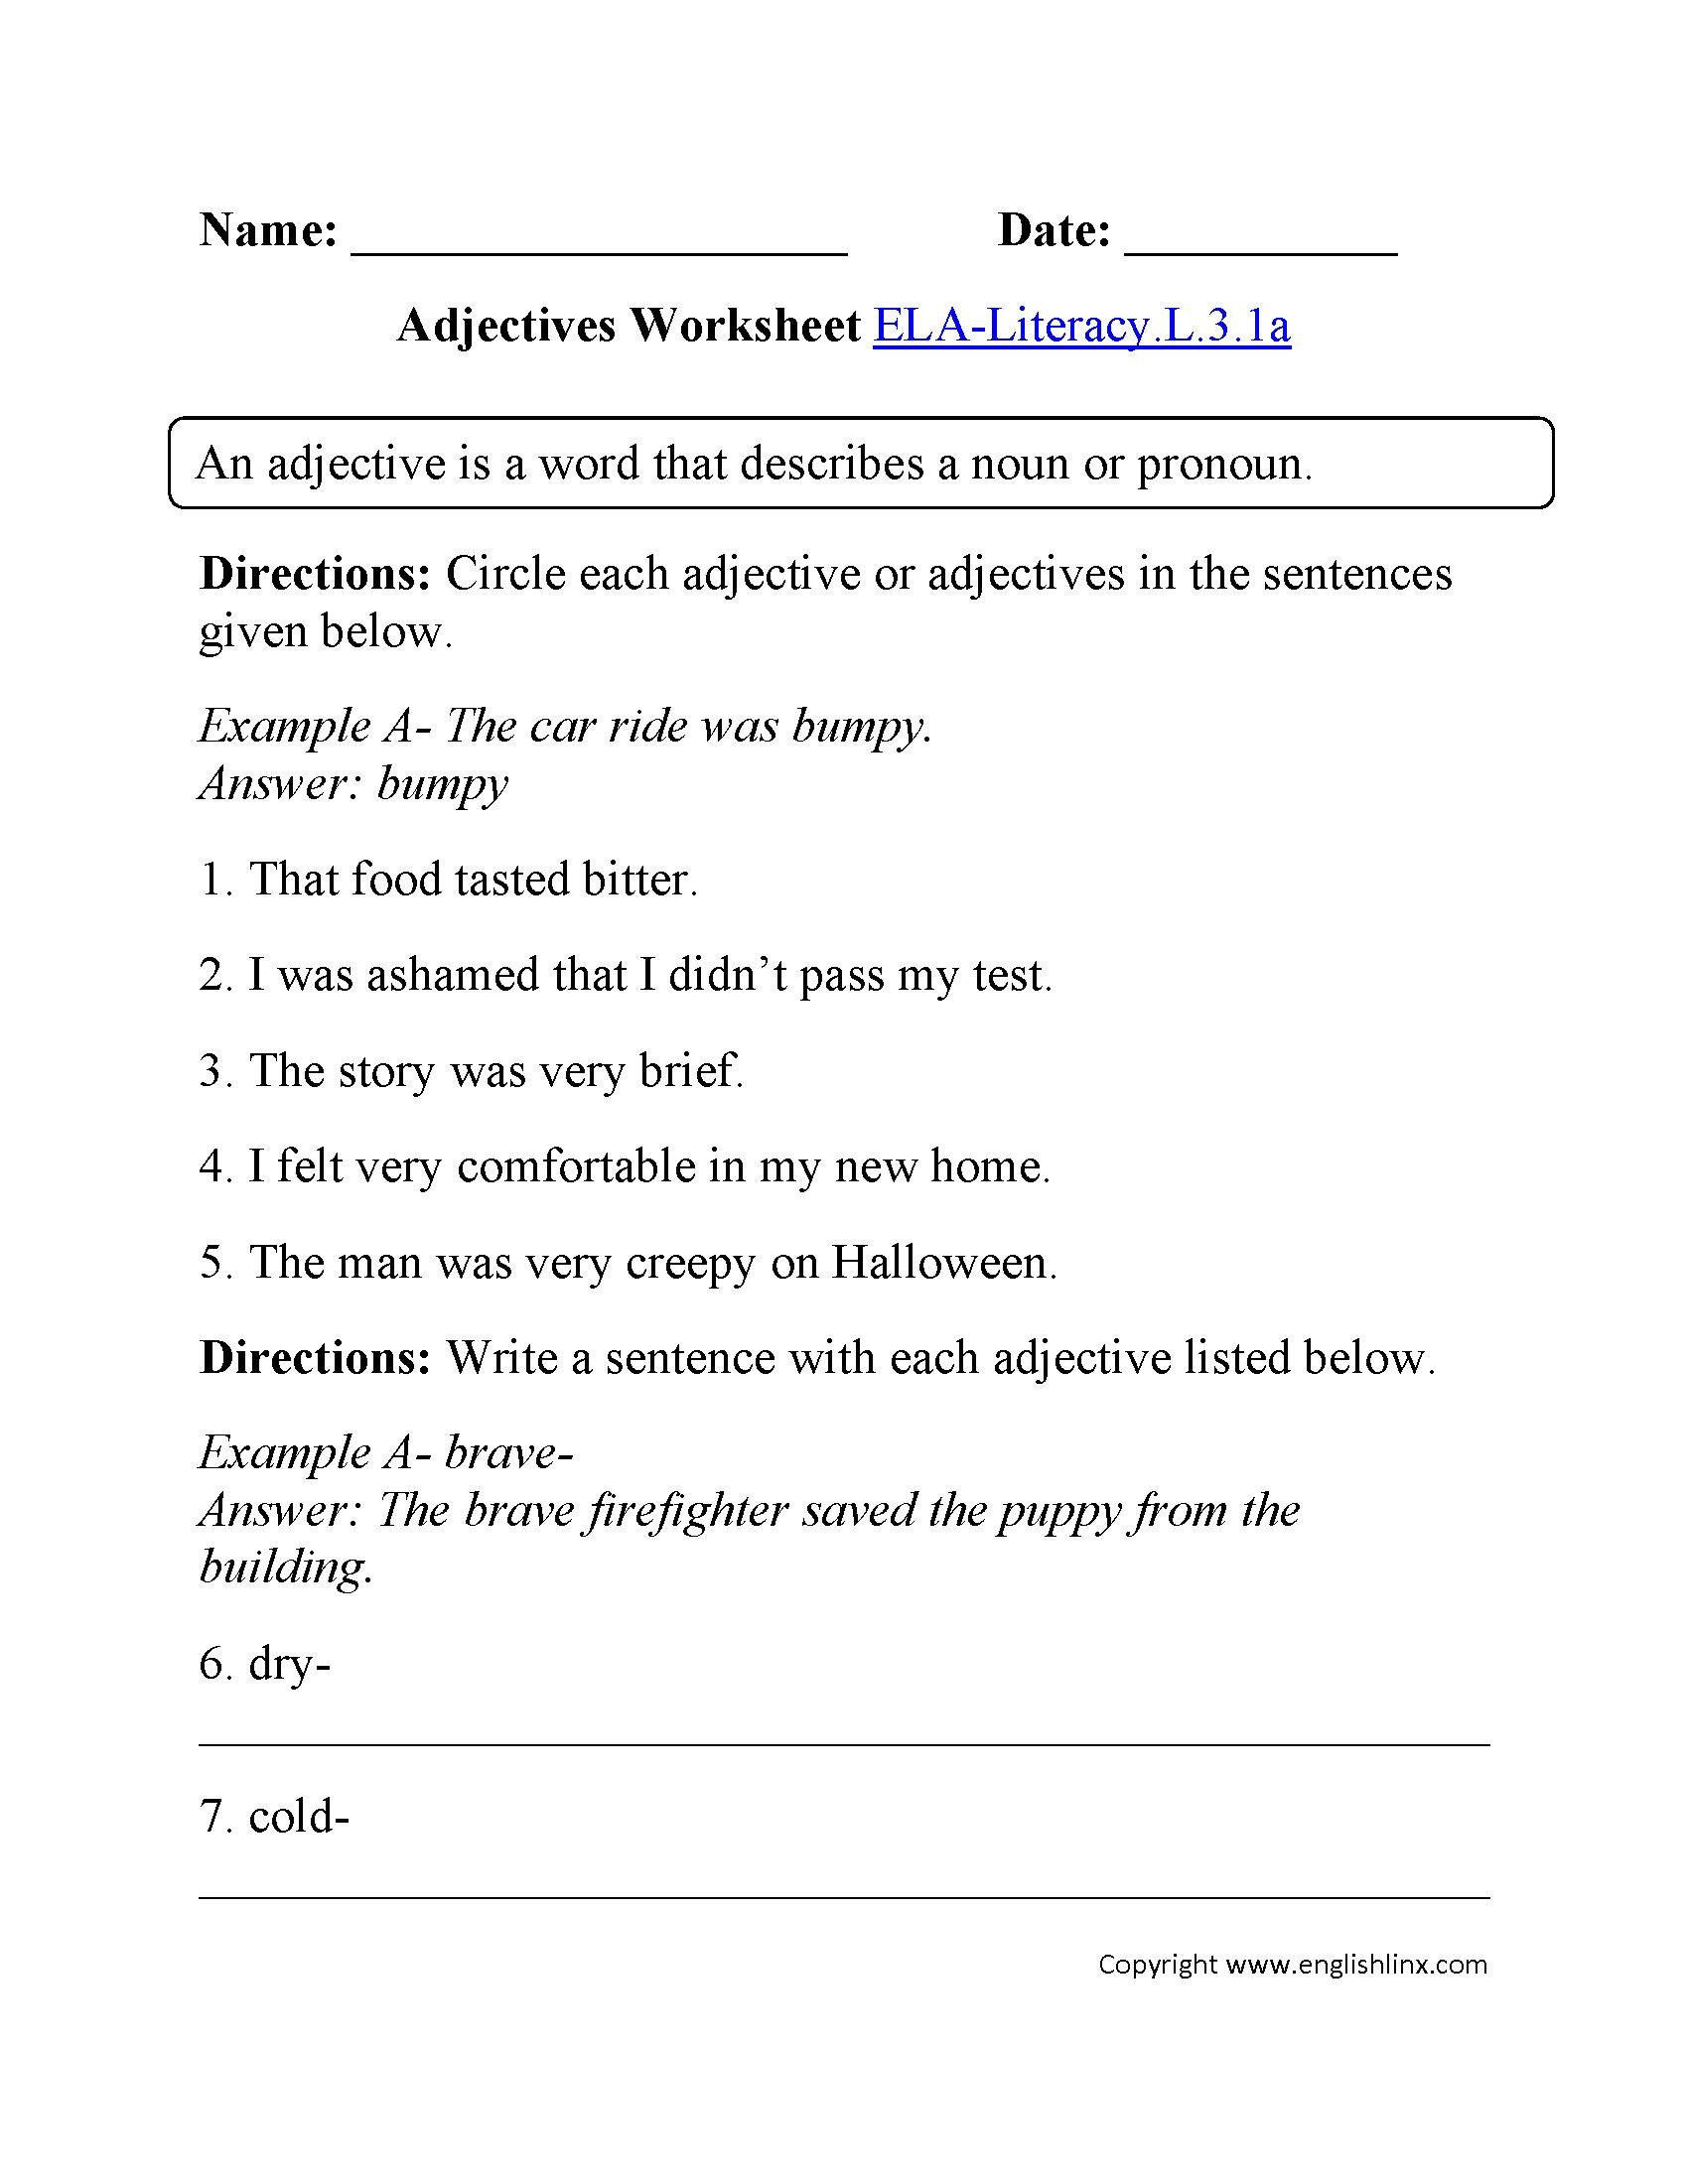 Adjectives Worksheet 2 L 3 1